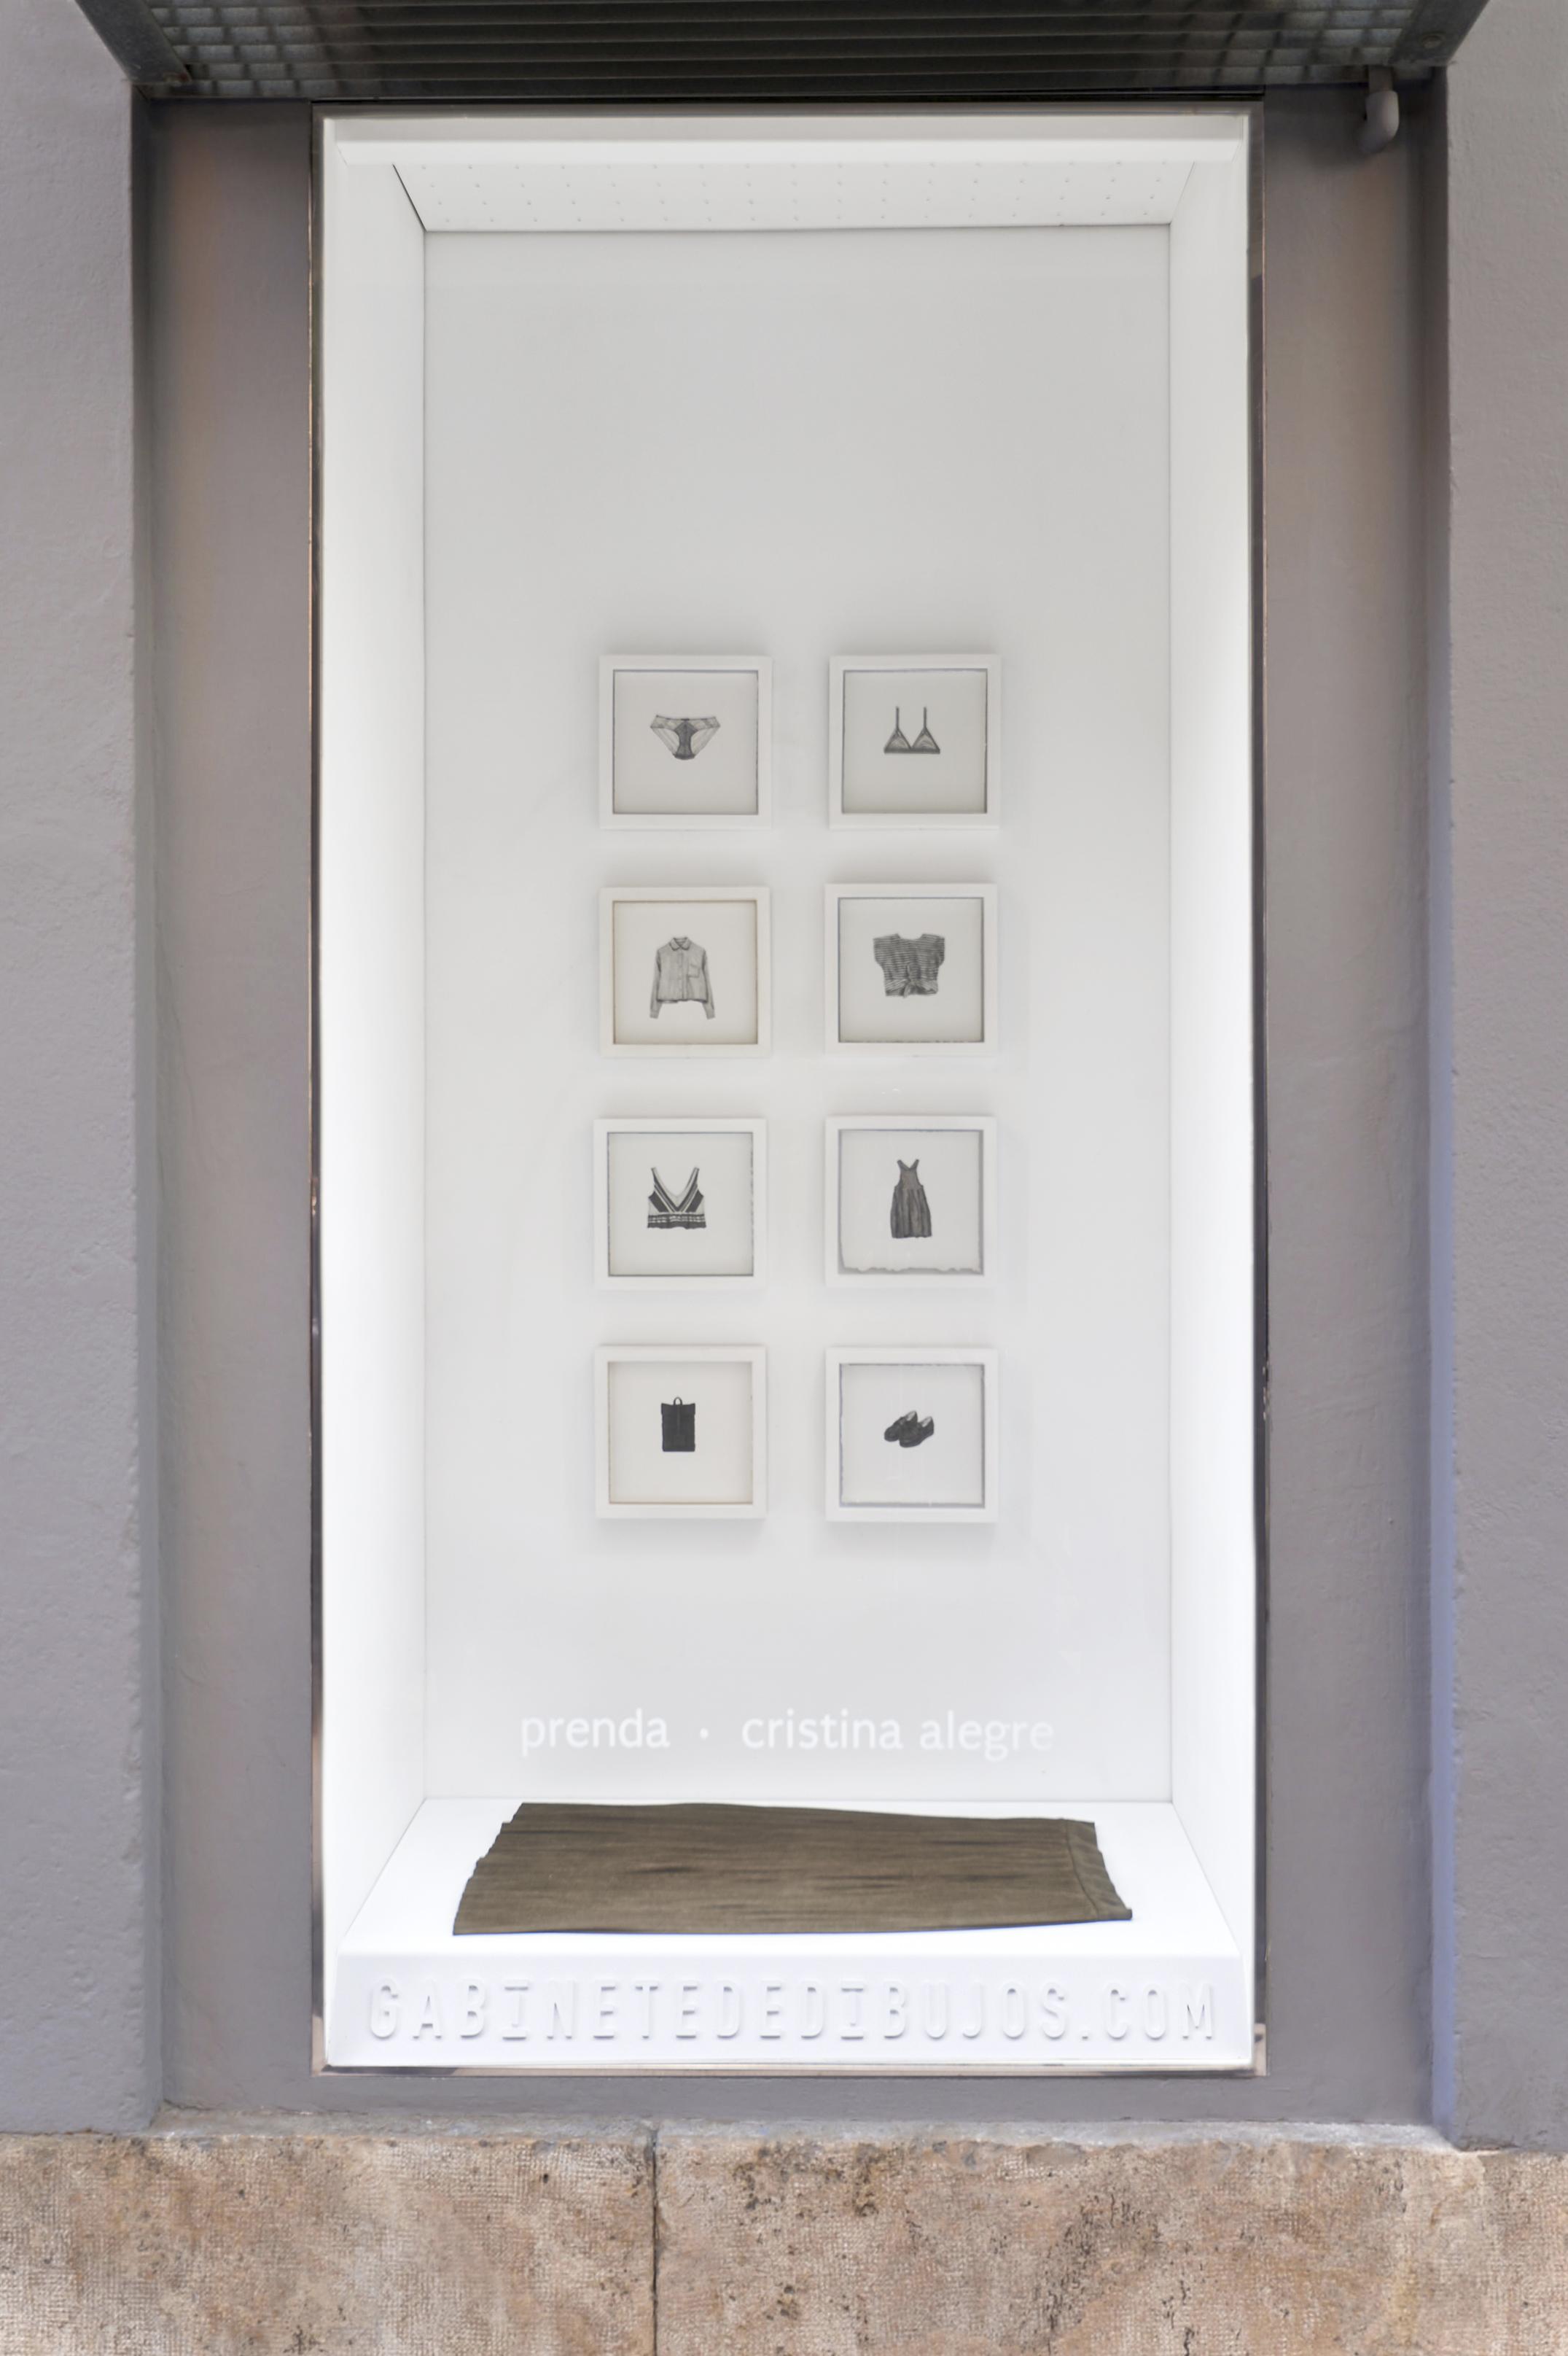 LENTO de Cristina Alegre en el Gabinete de dibujos